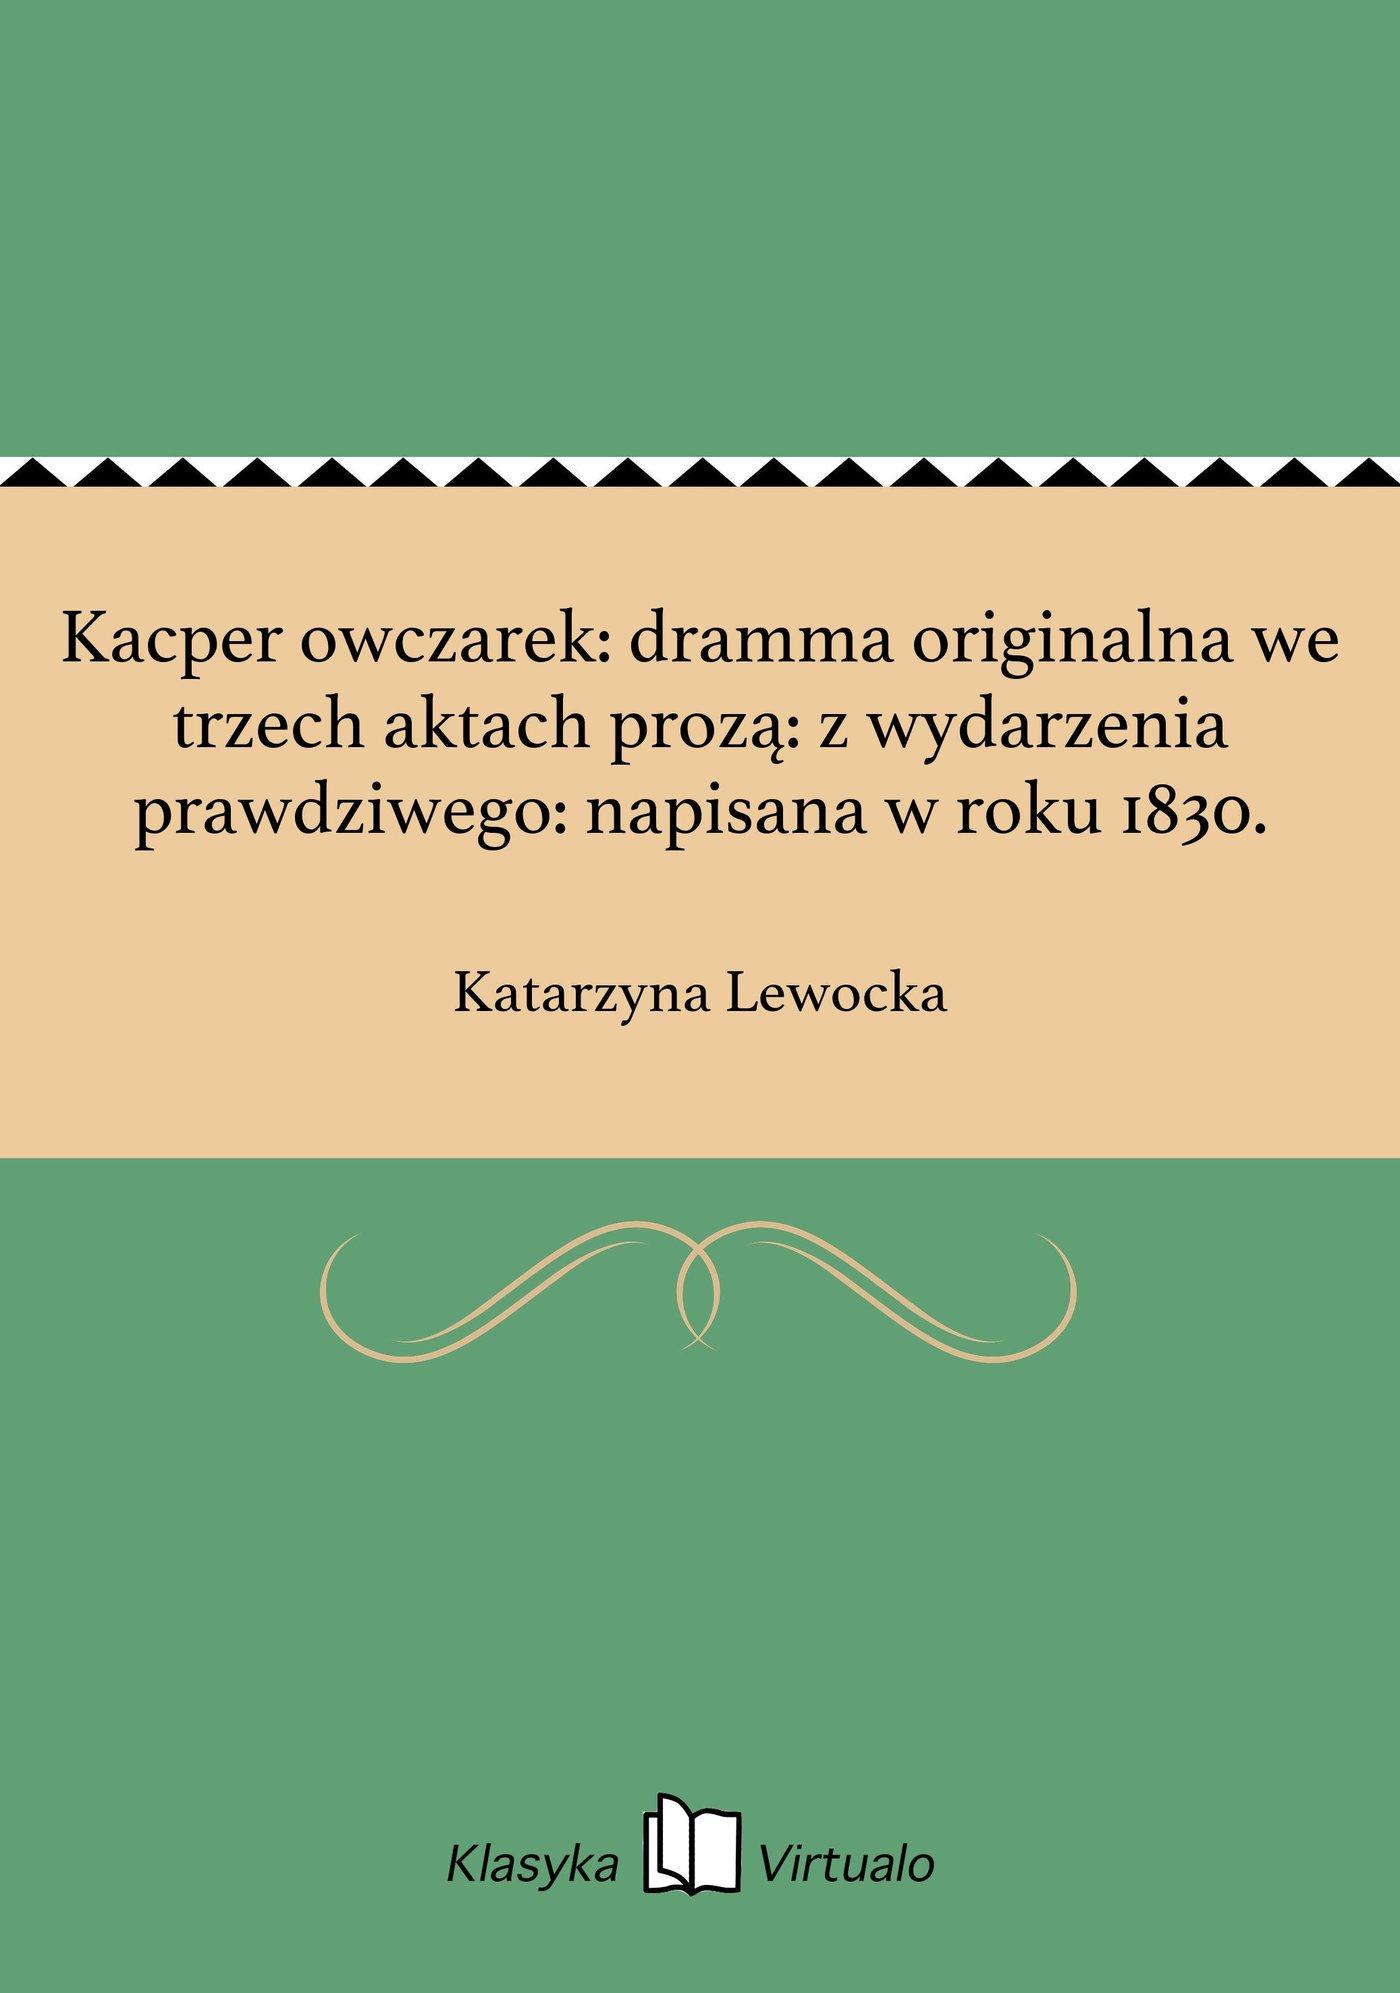 Kacper owczarek: dramma originalna we trzech aktach prozą: z wydarzenia prawdziwego: napisana w roku 1830. - Ebook (Książka EPUB) do pobrania w formacie EPUB